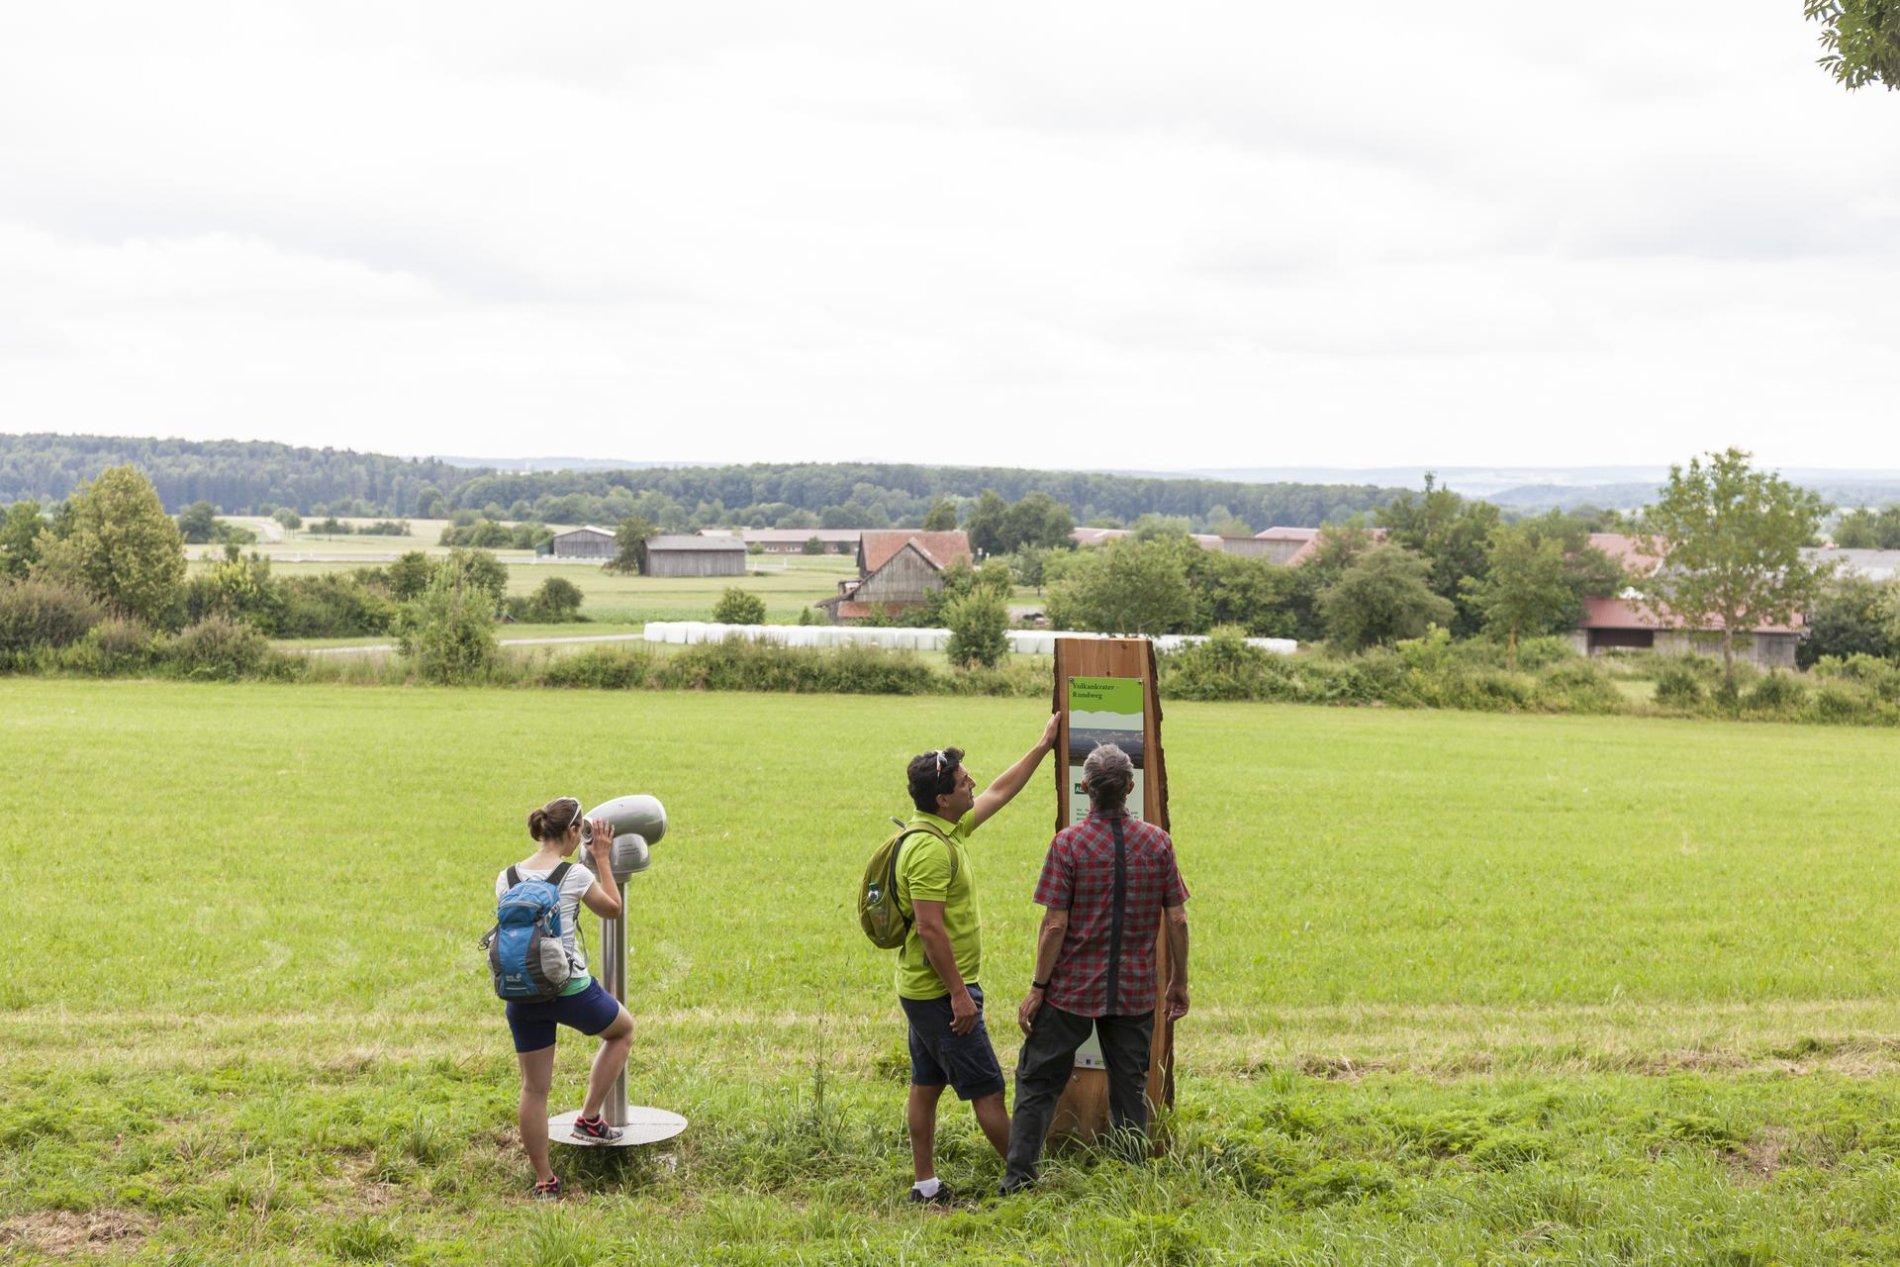 Zwei Personen stehen an einer Erklärtafel des Vulkankrater-Rundwegs und studieren die Texte. Daneben steht eine Person und blickt durch ein Viscope, das in die Richtung eines Dorfs zeigt.